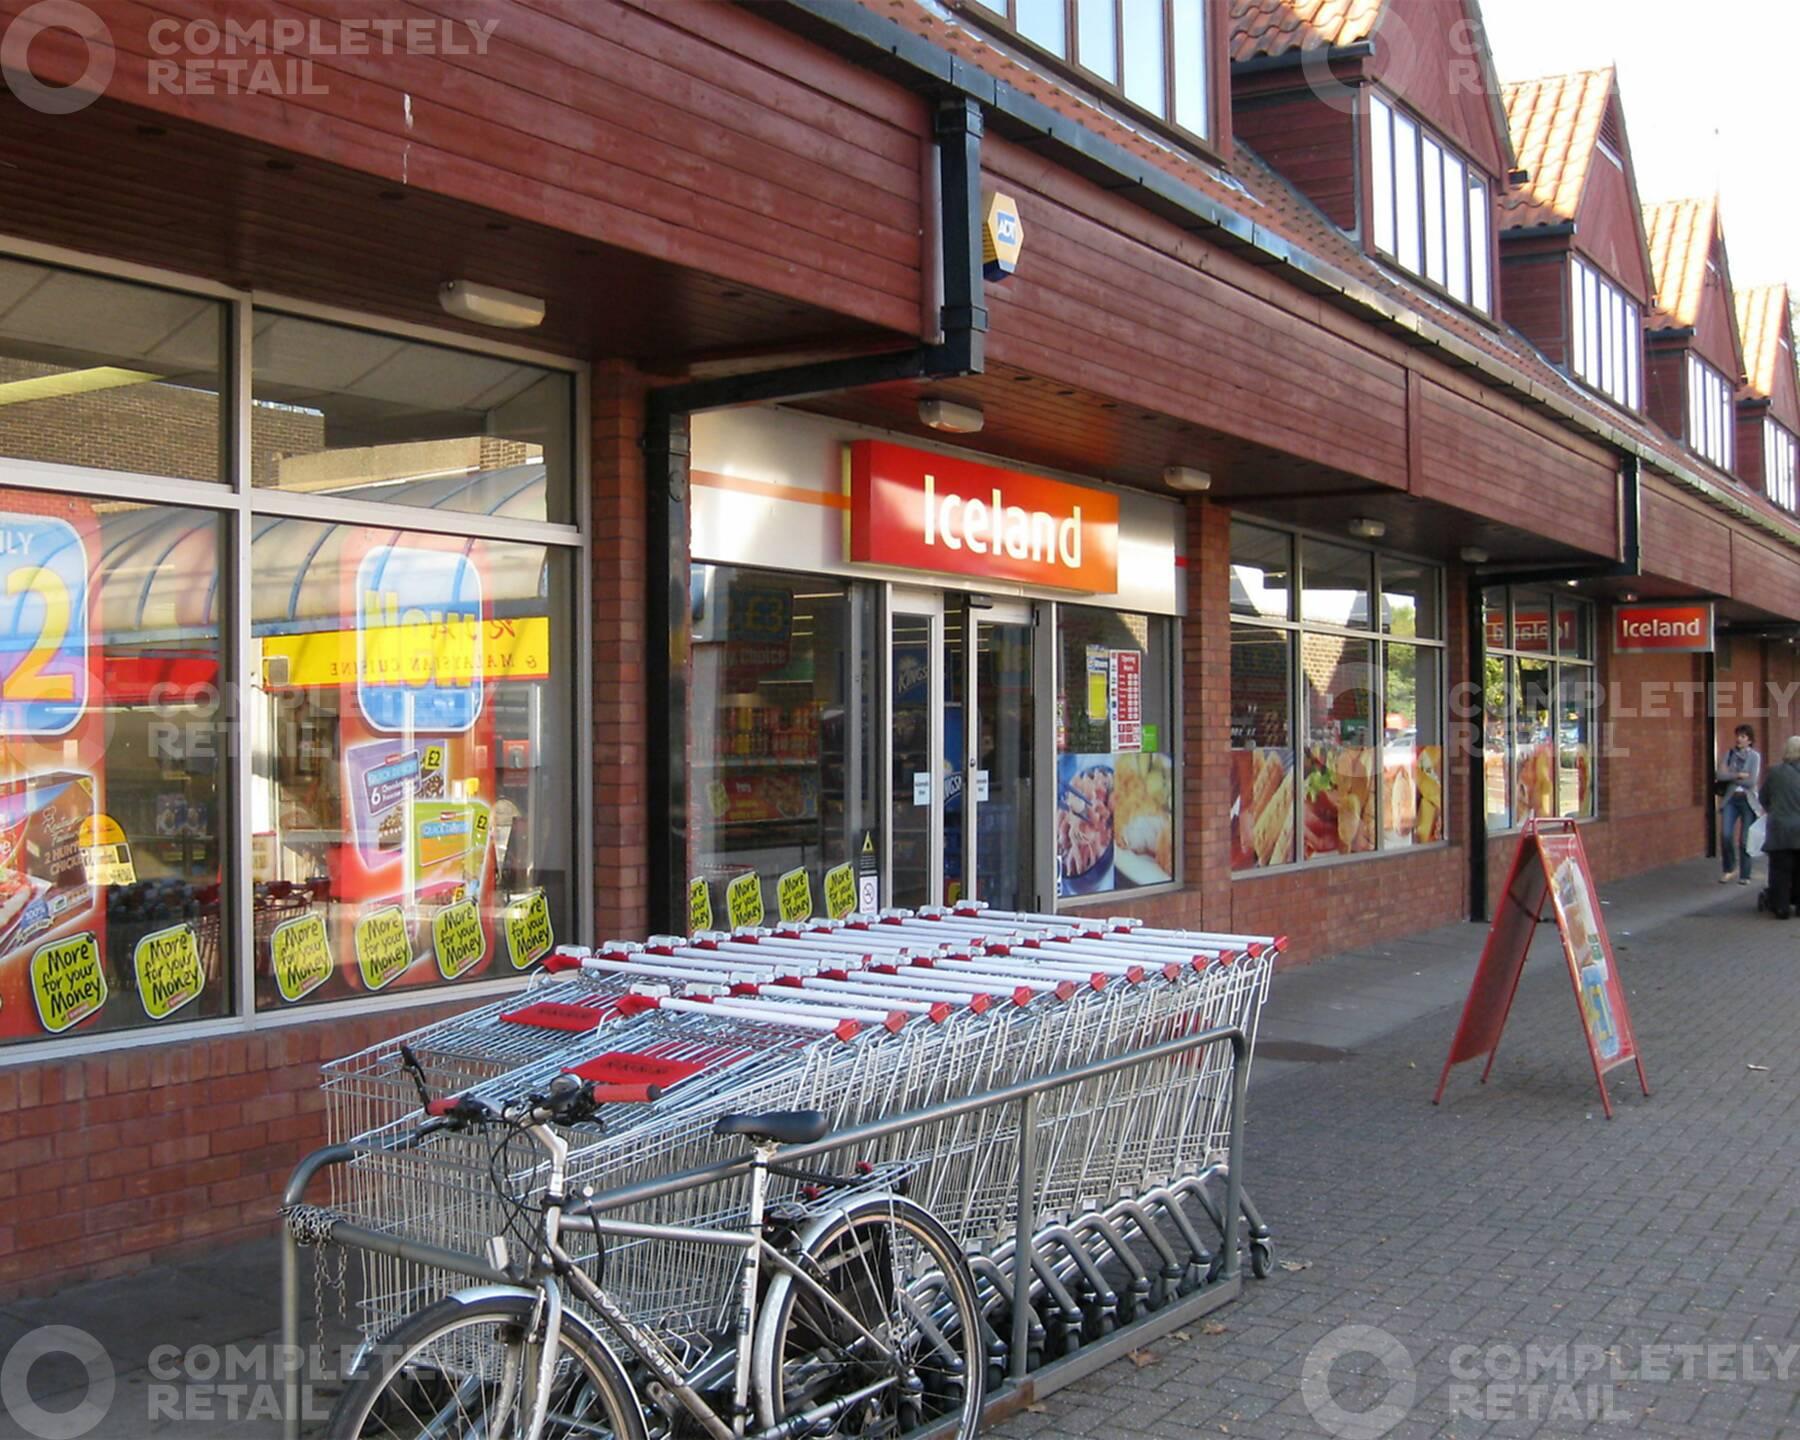 Newlands Shopping Centre